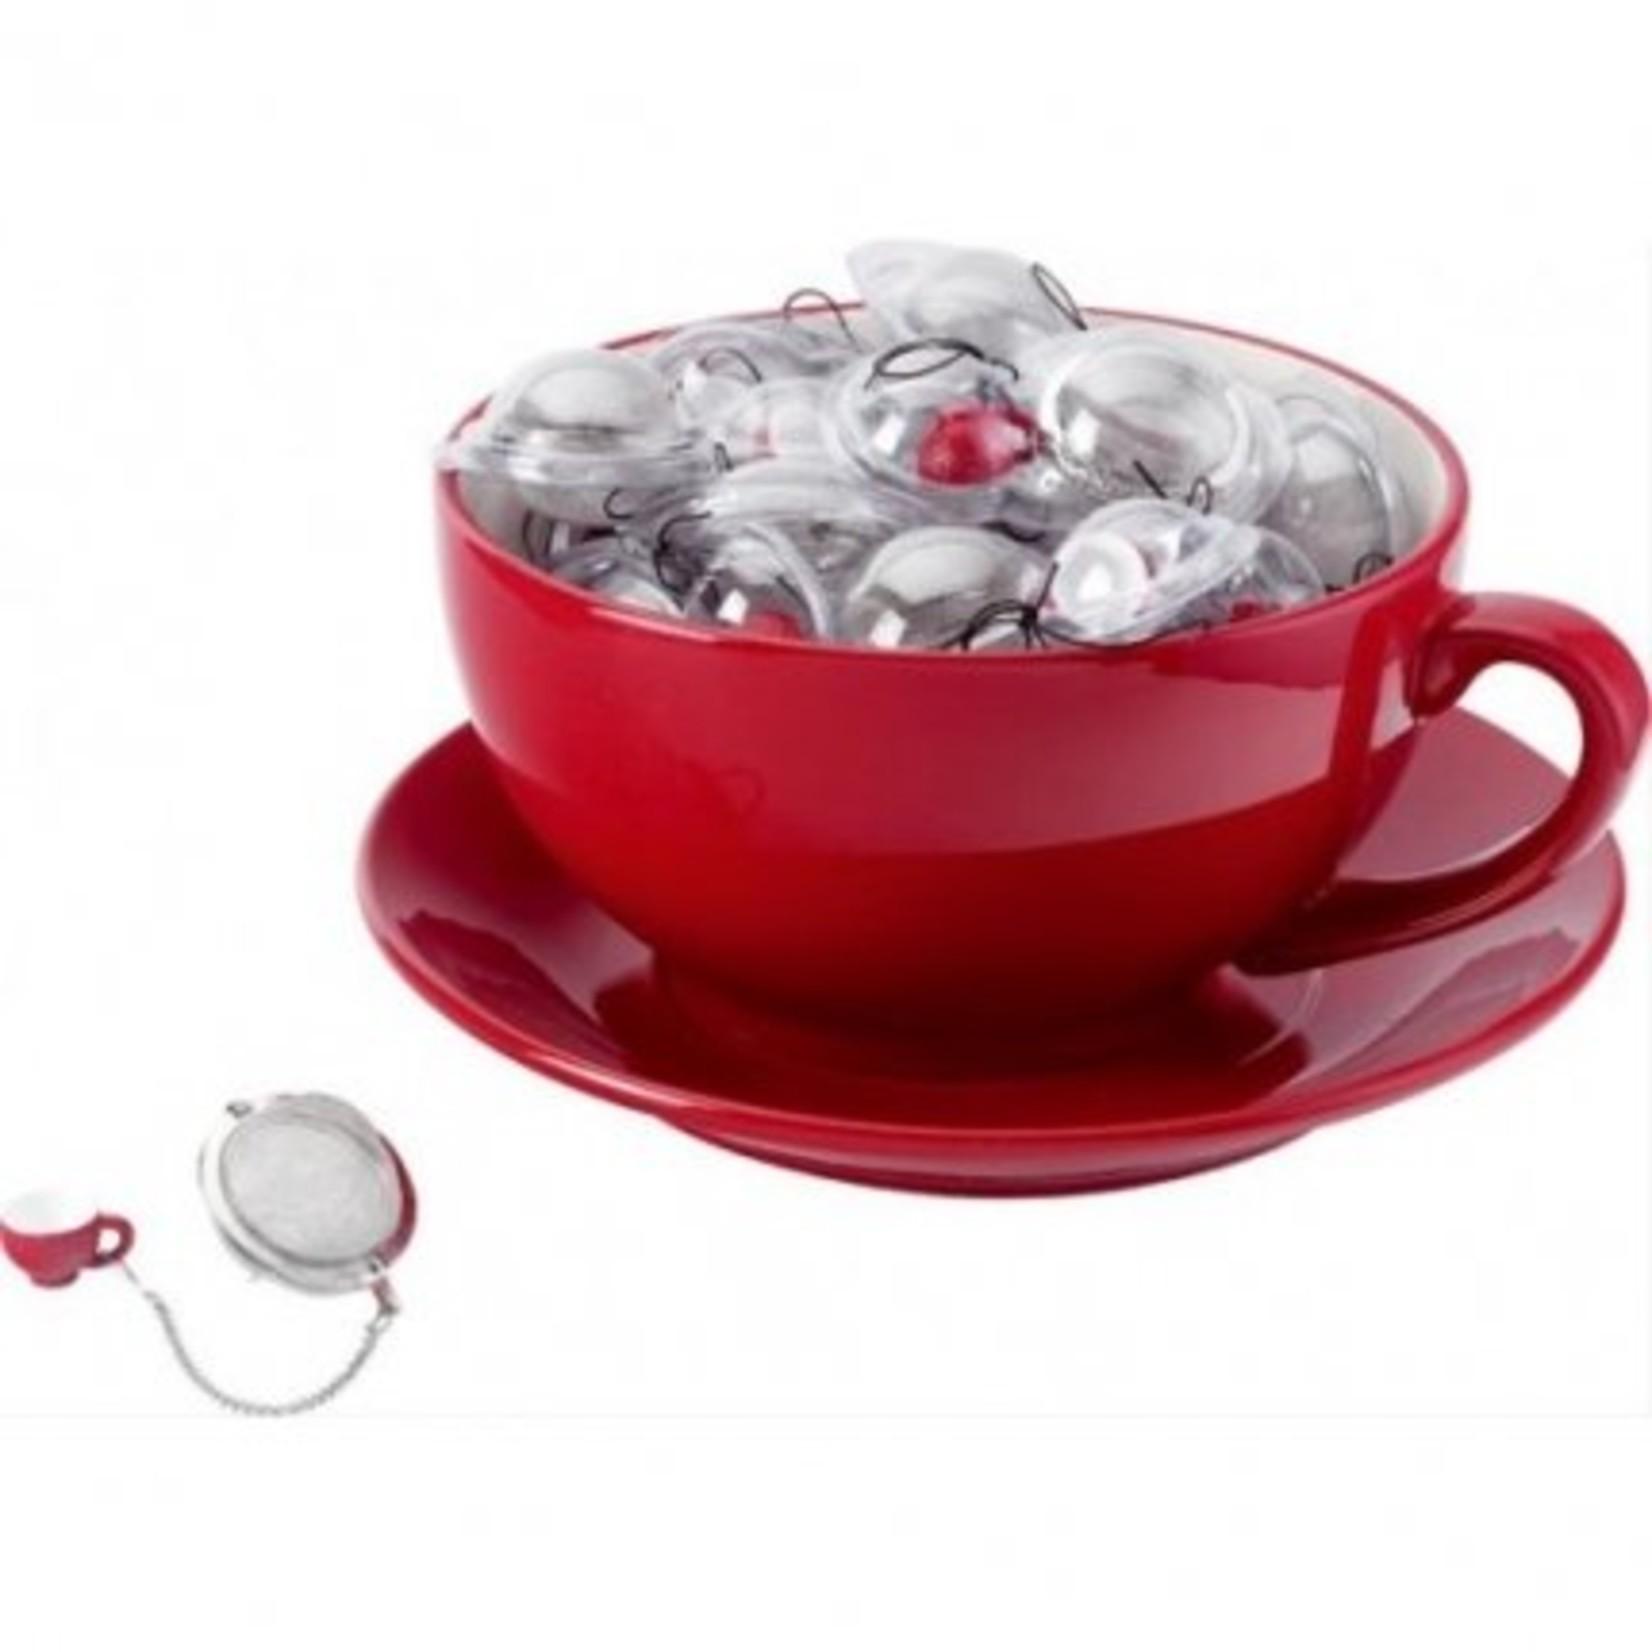 Balvi Handig voor losse thee, thee zeef met een miniatuur kopje.